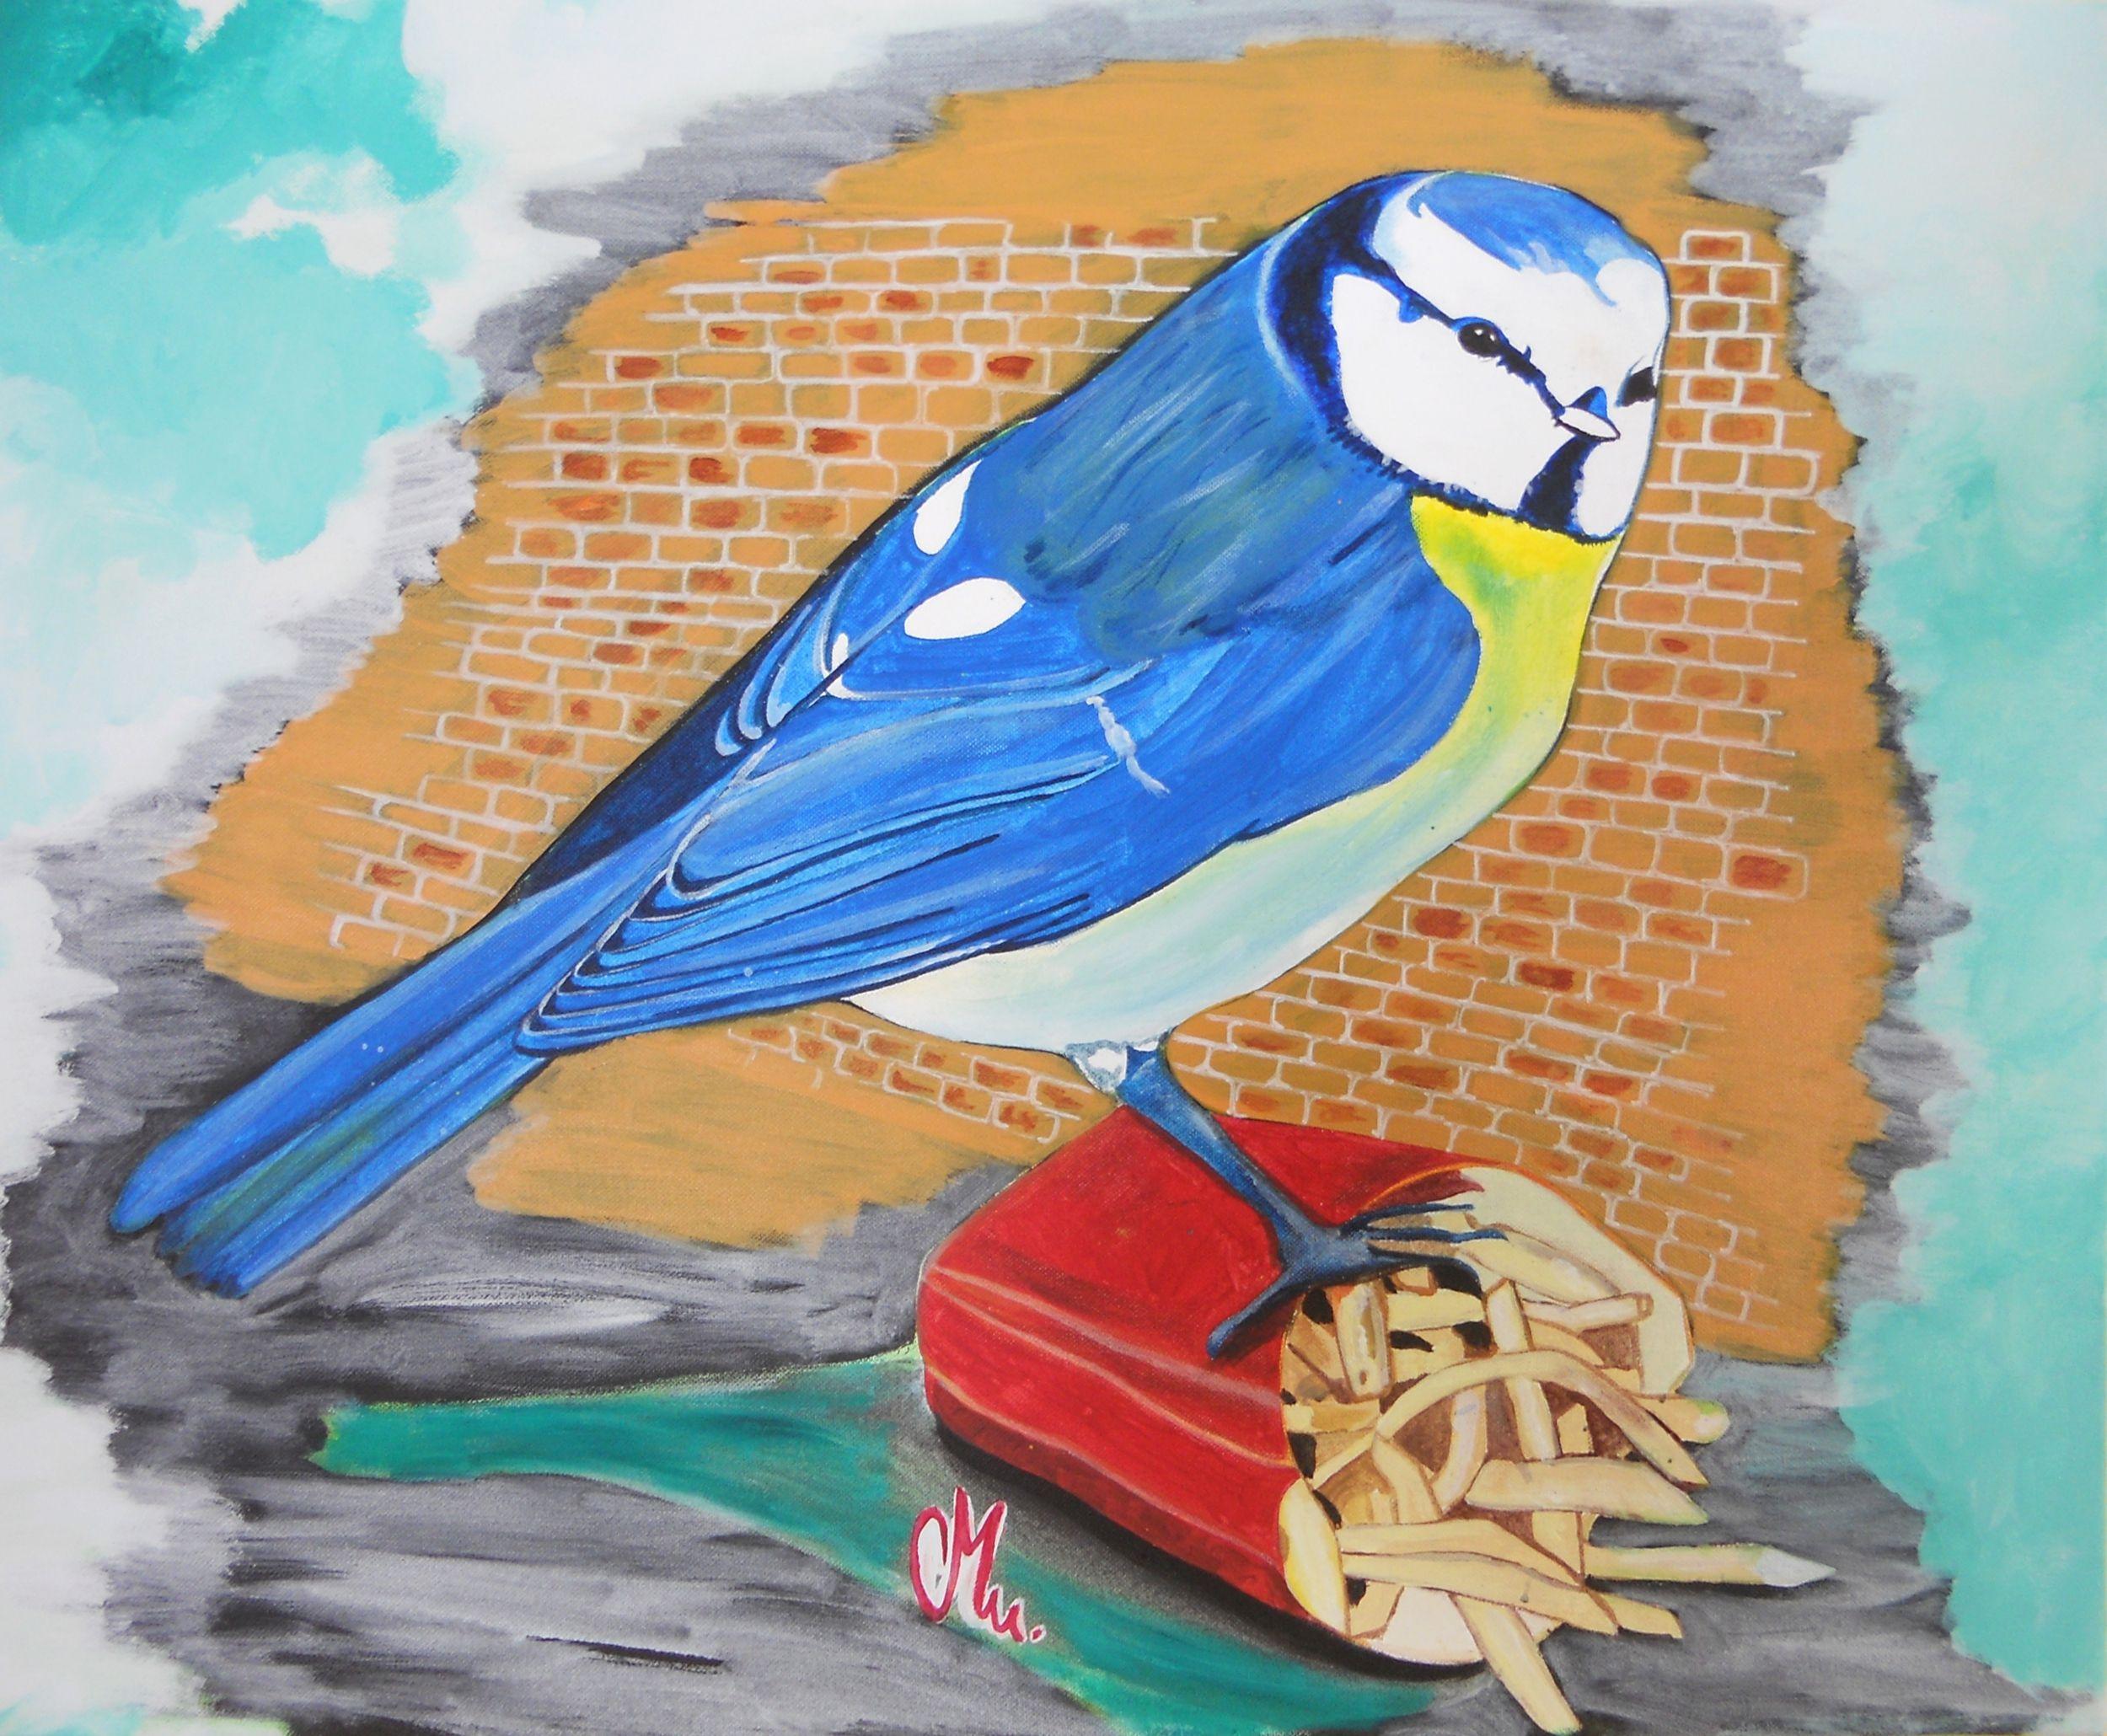 Tableau Art Artiste Contemporain Peinture Design Nature M Sange